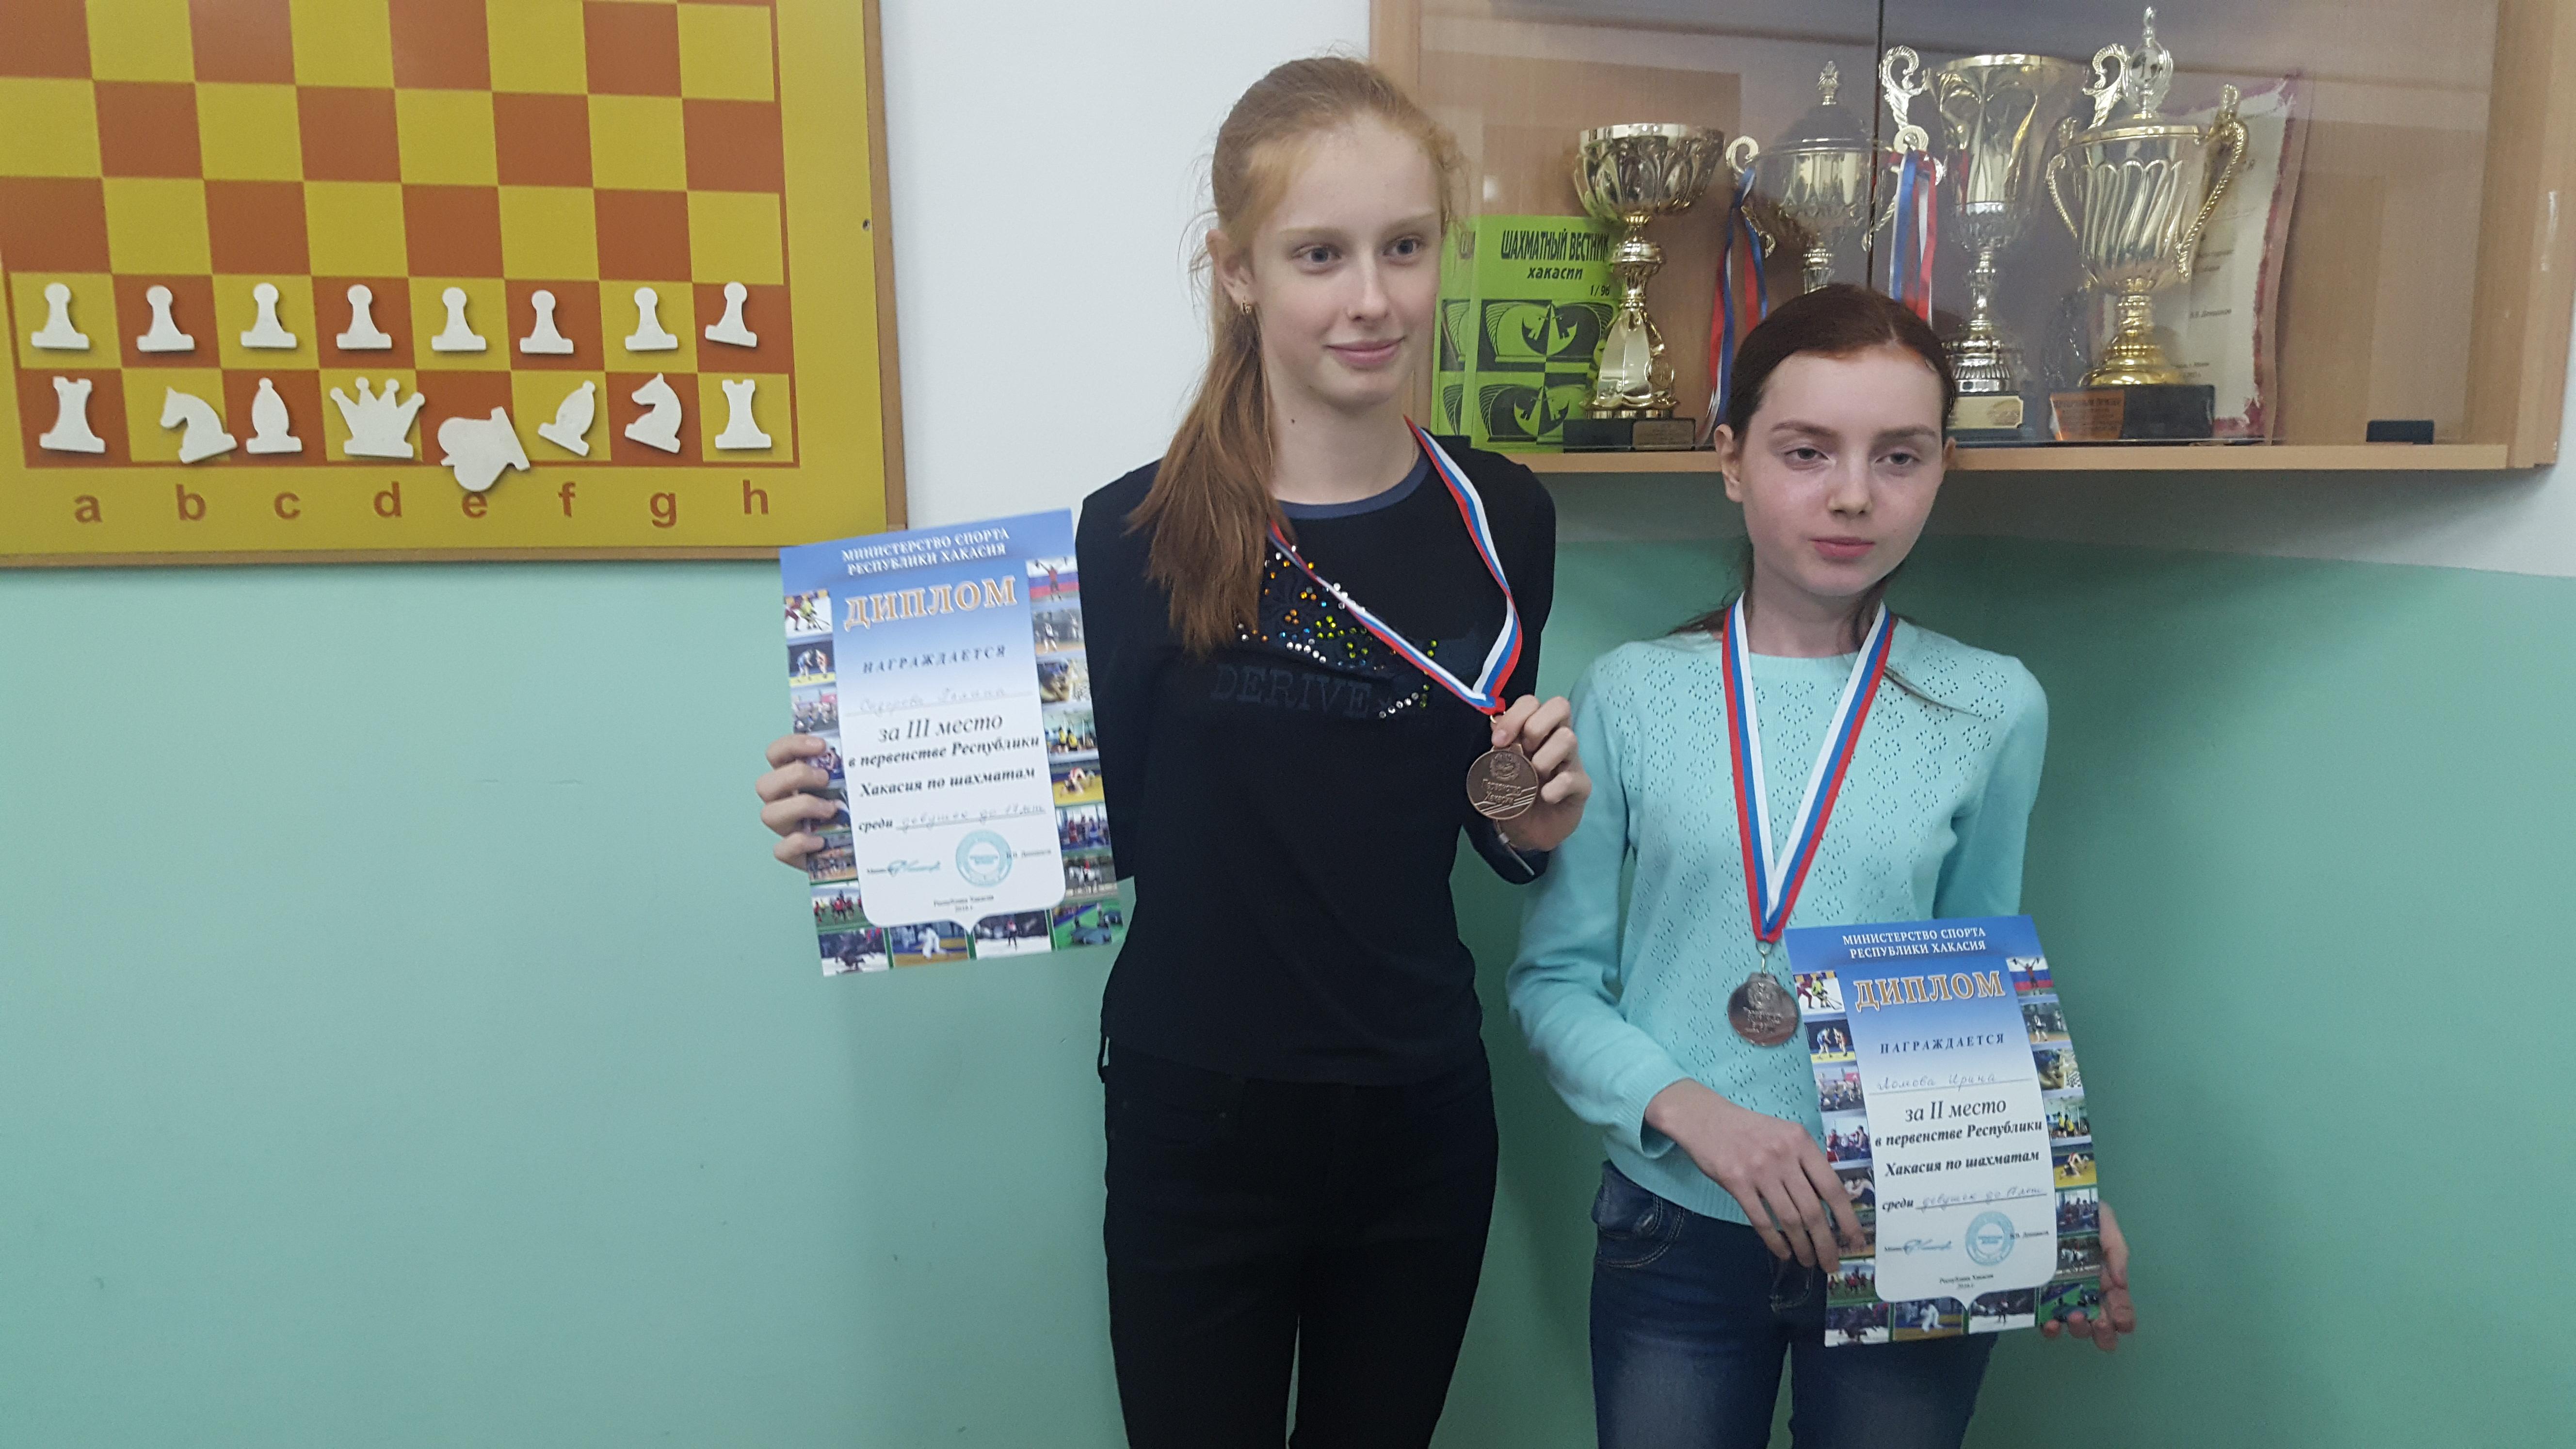 Девушки до 17 лет:Сидорова,Ломова,за кадром победительница Костригина.